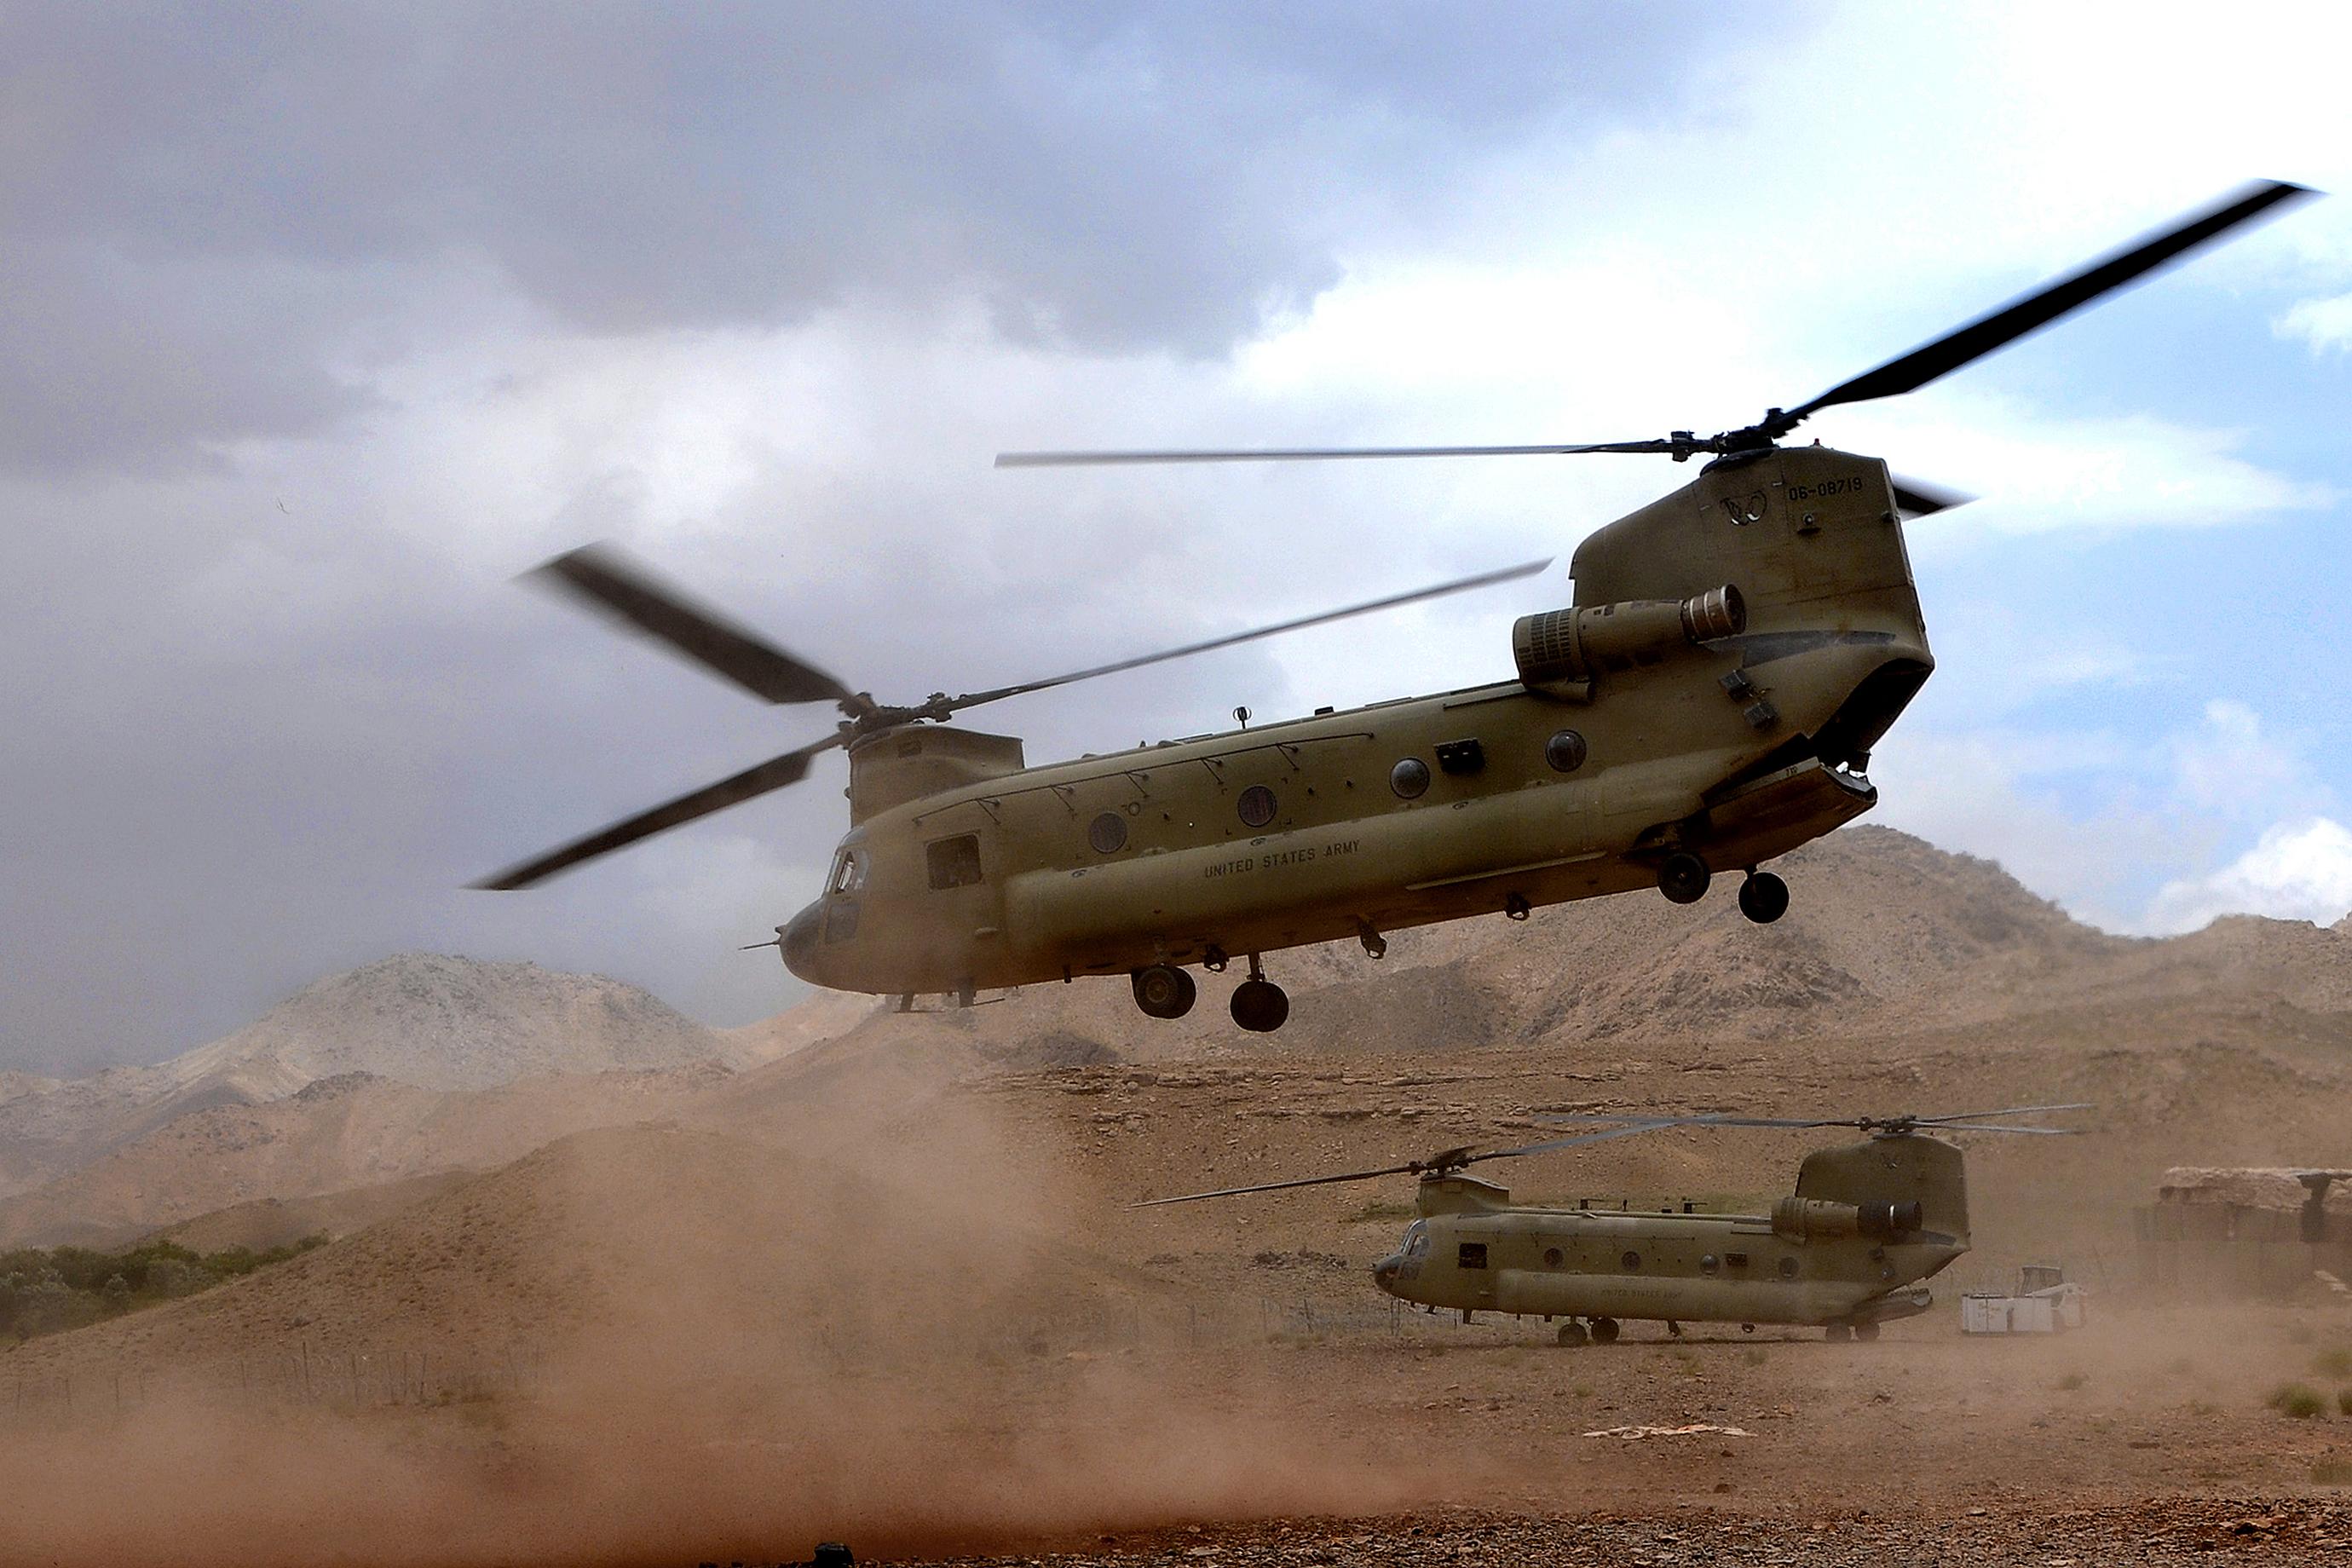 EUA aprovam venda de US$3,5 bi em helicópteros para a Arábia Saudita